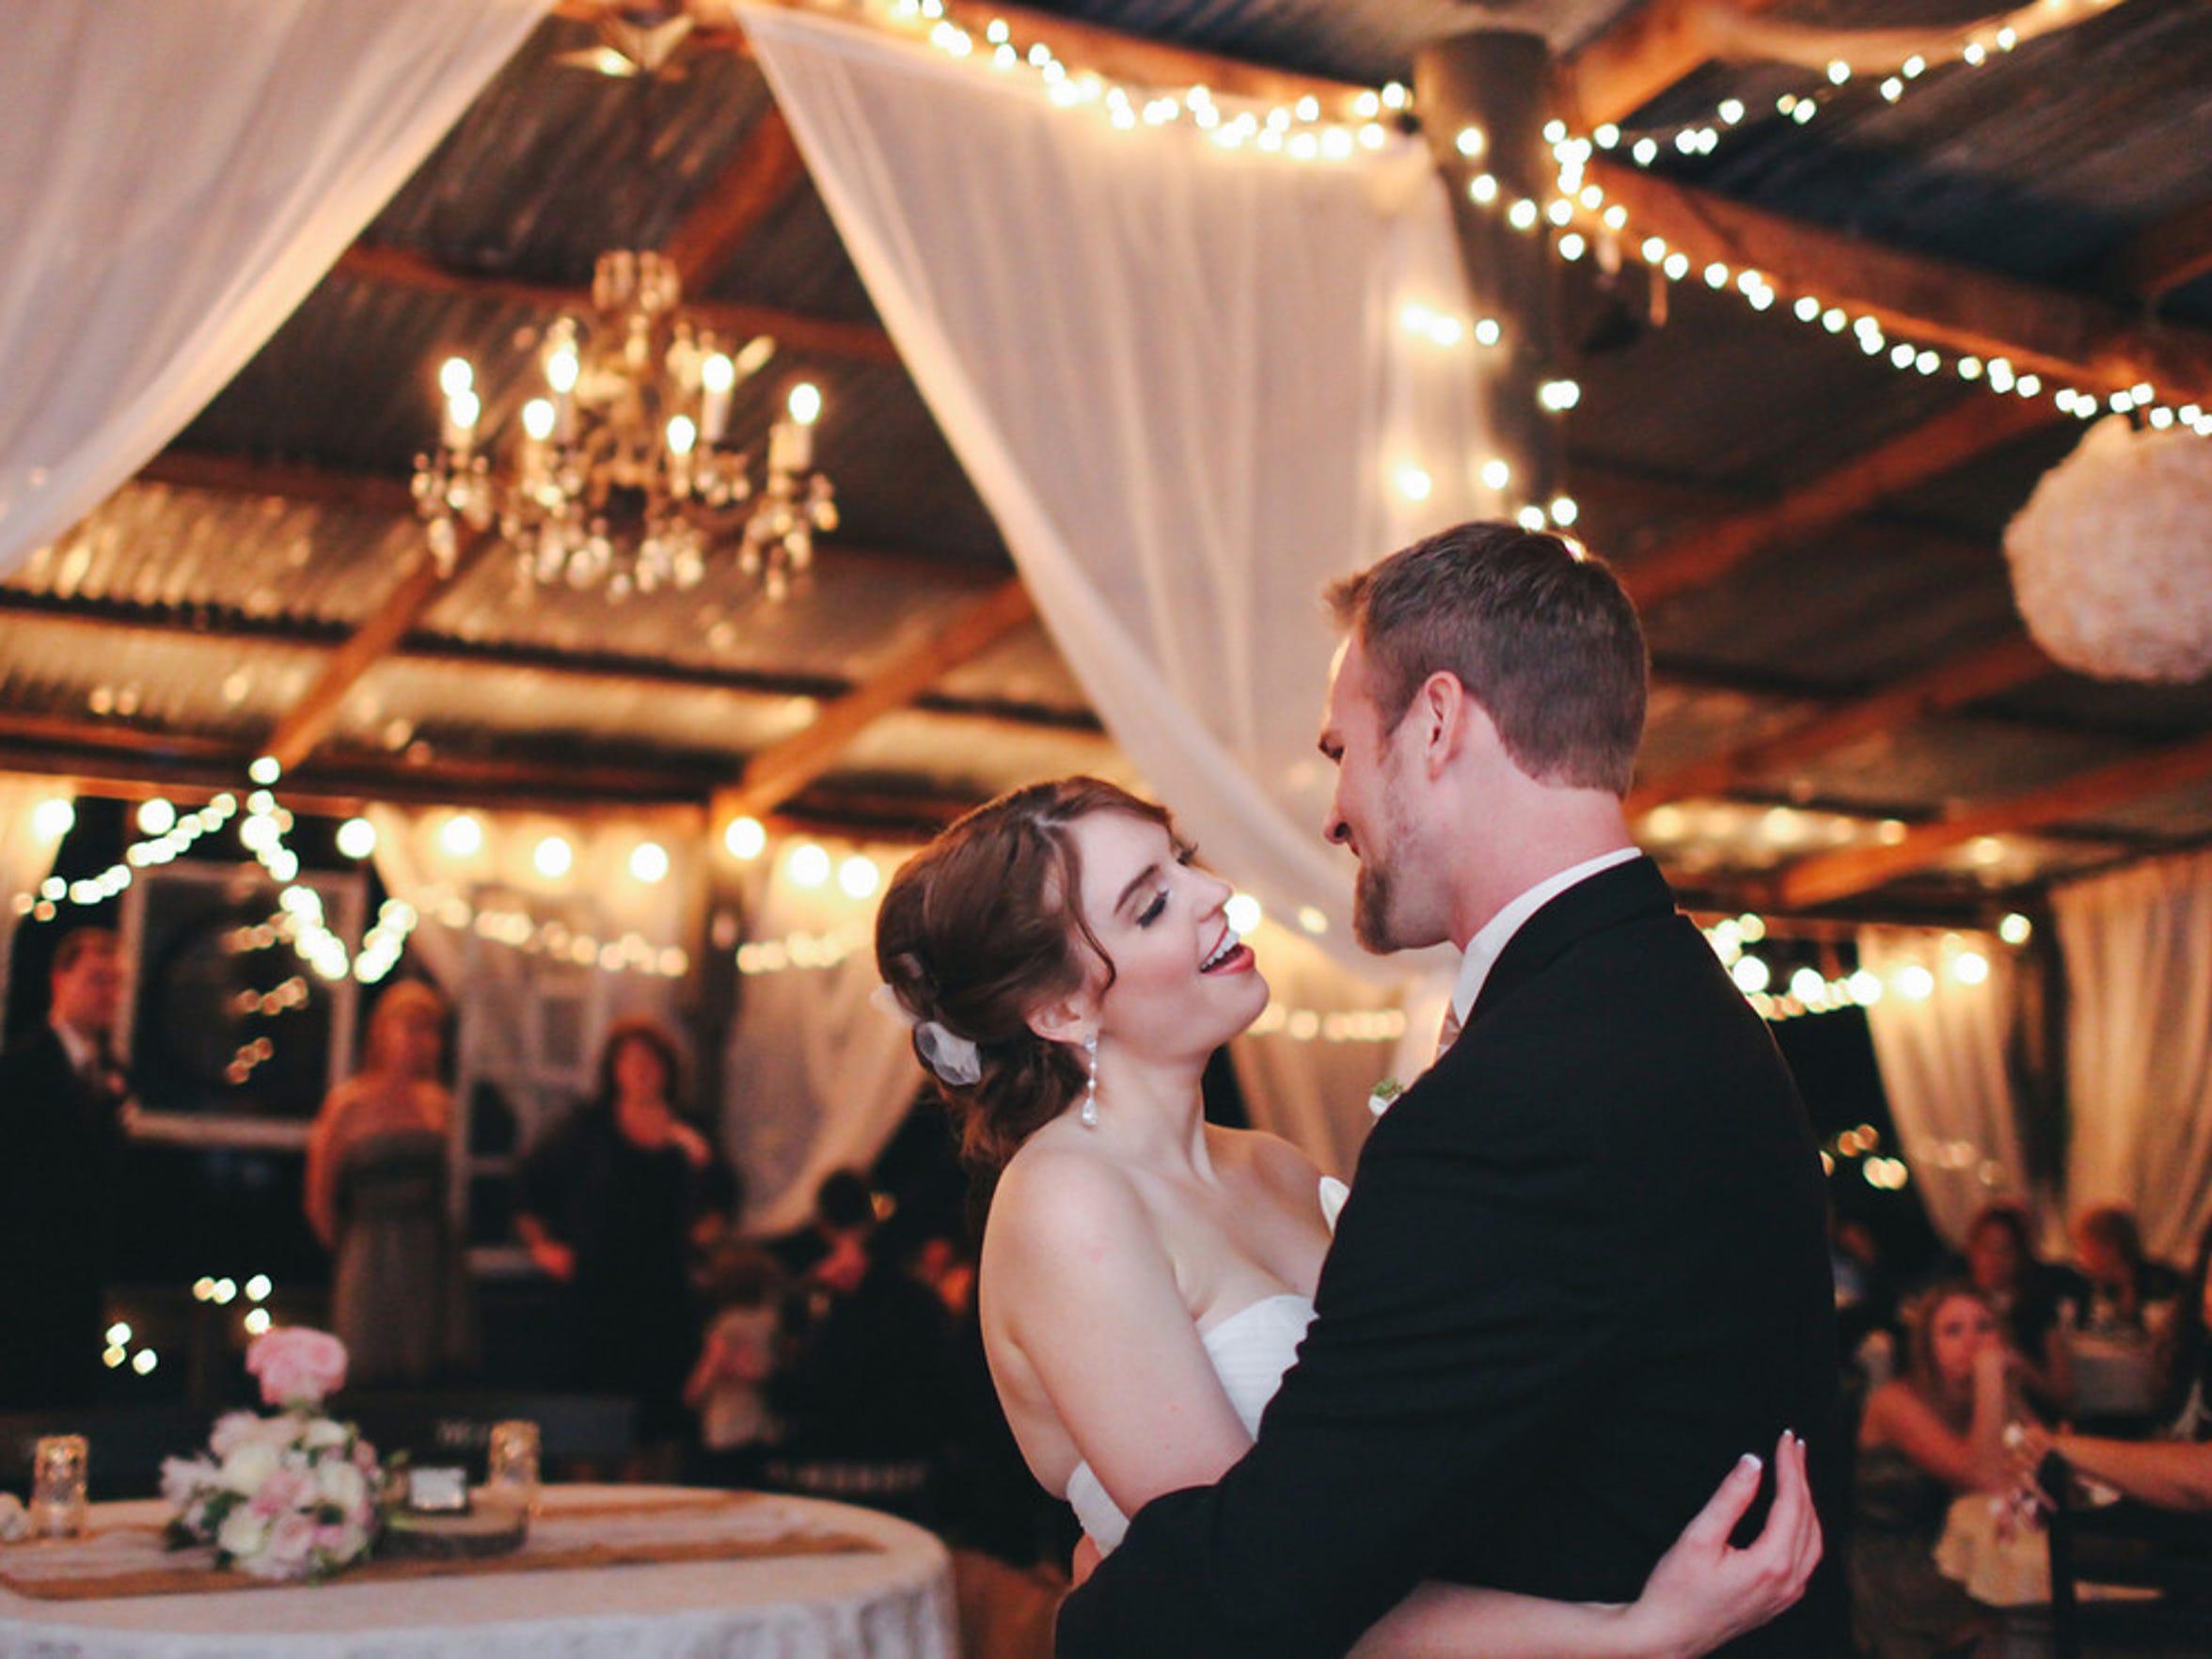 Michael and Sarah Chardavoyne on their wedding day.